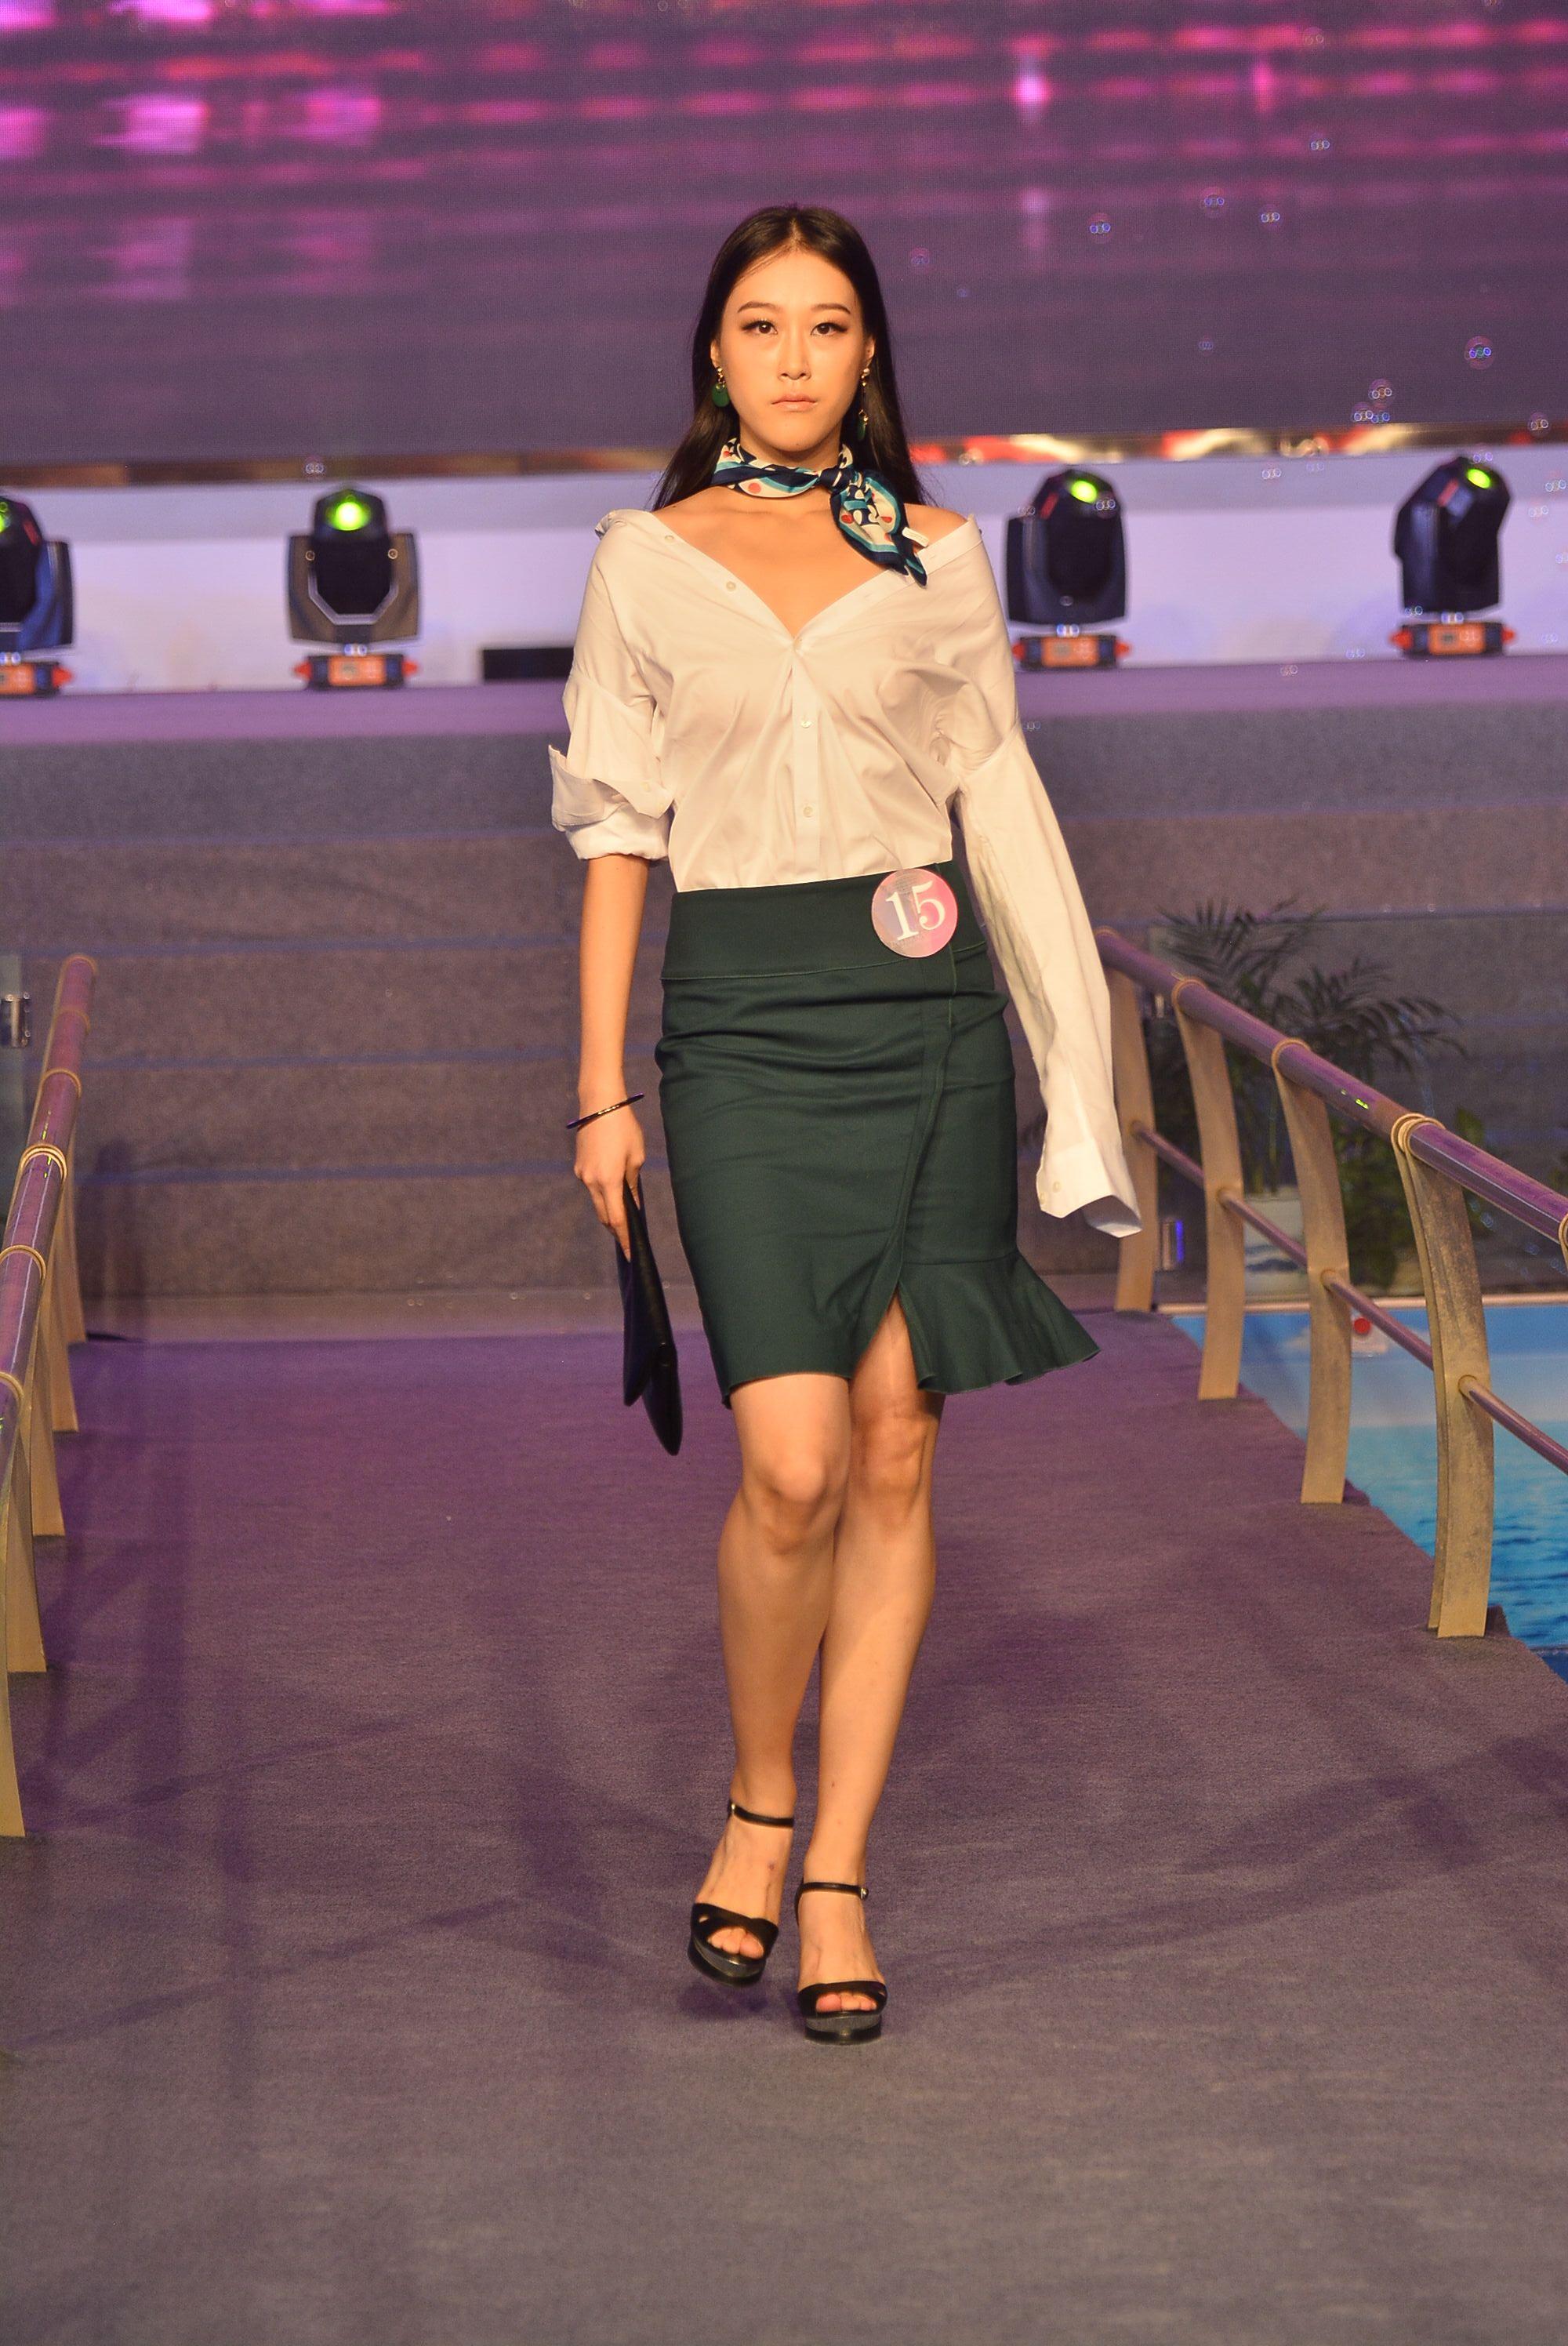 青岛小姐_我校服装表演学生在第57届国际小姐大赛青岛赛区总决赛中喜获佳绩